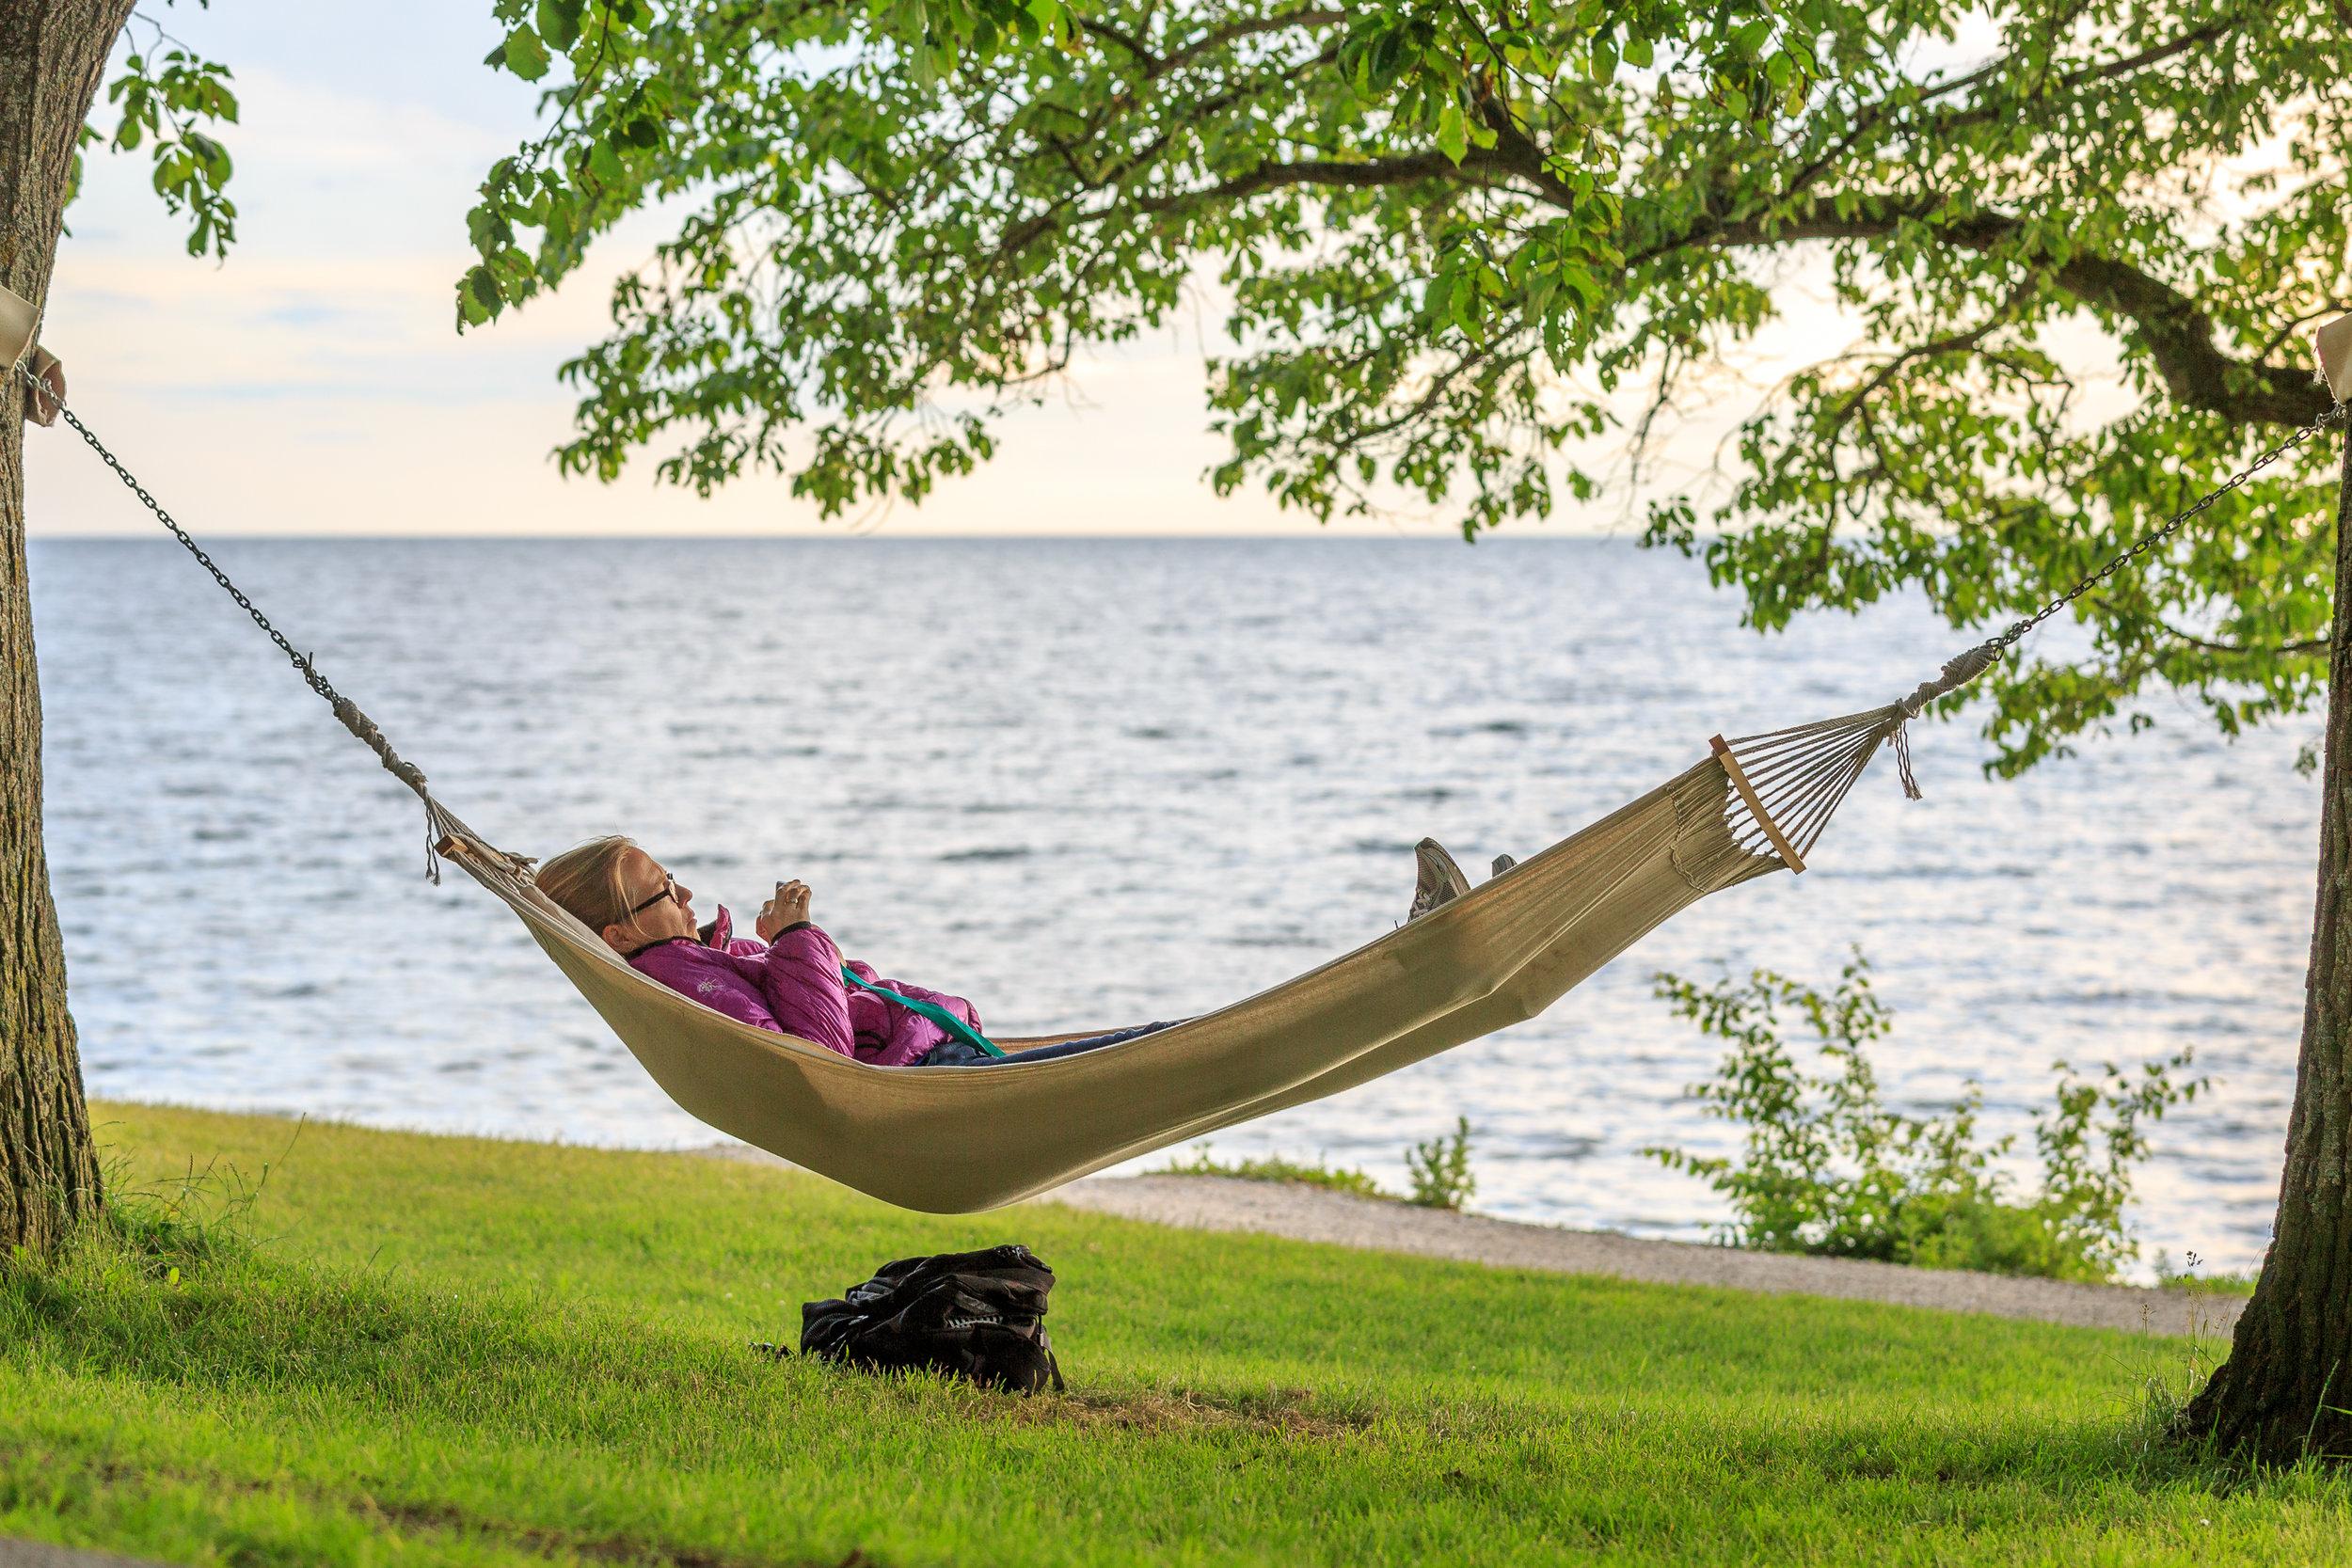 Relaxing_in_the_hammock_by_the_sea_near_Almedalen.jpg